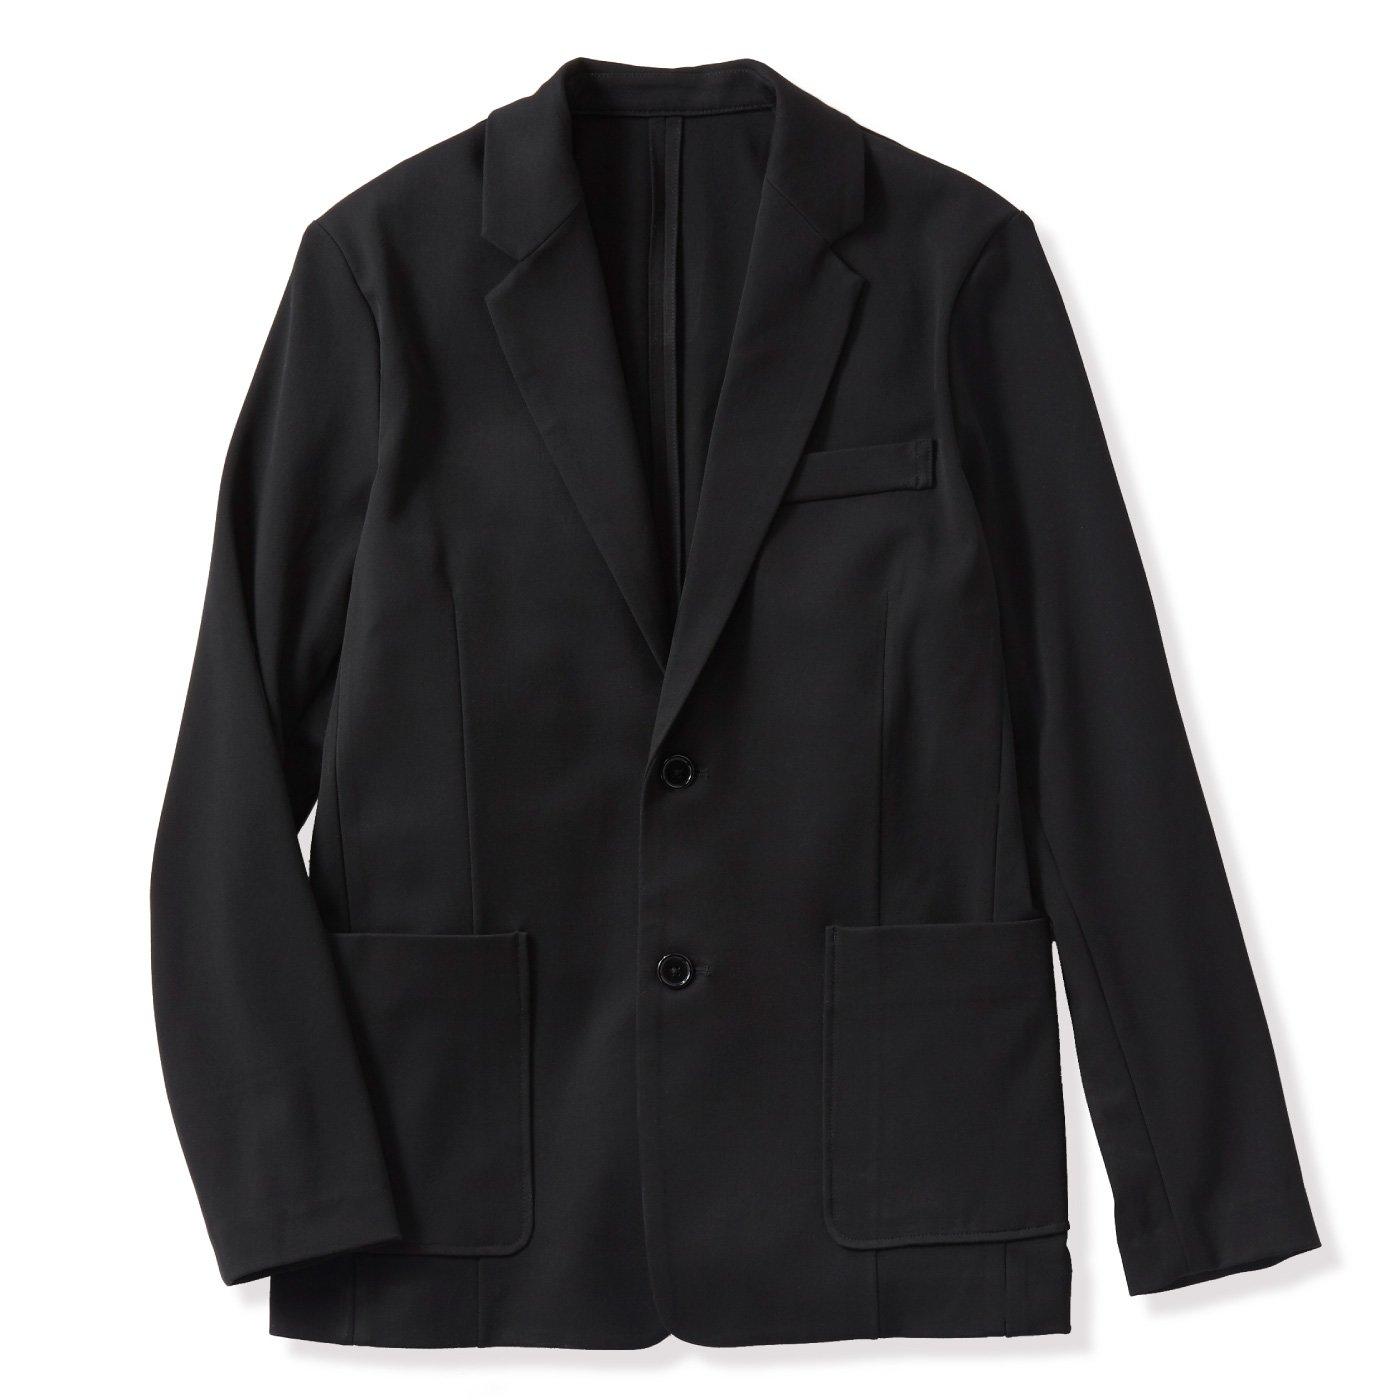 【WEB限定】IEDIT[イディット] いつまでもキレイな黒が続く 純黒スマートテーラードメンズジャケット〈ブラック〉